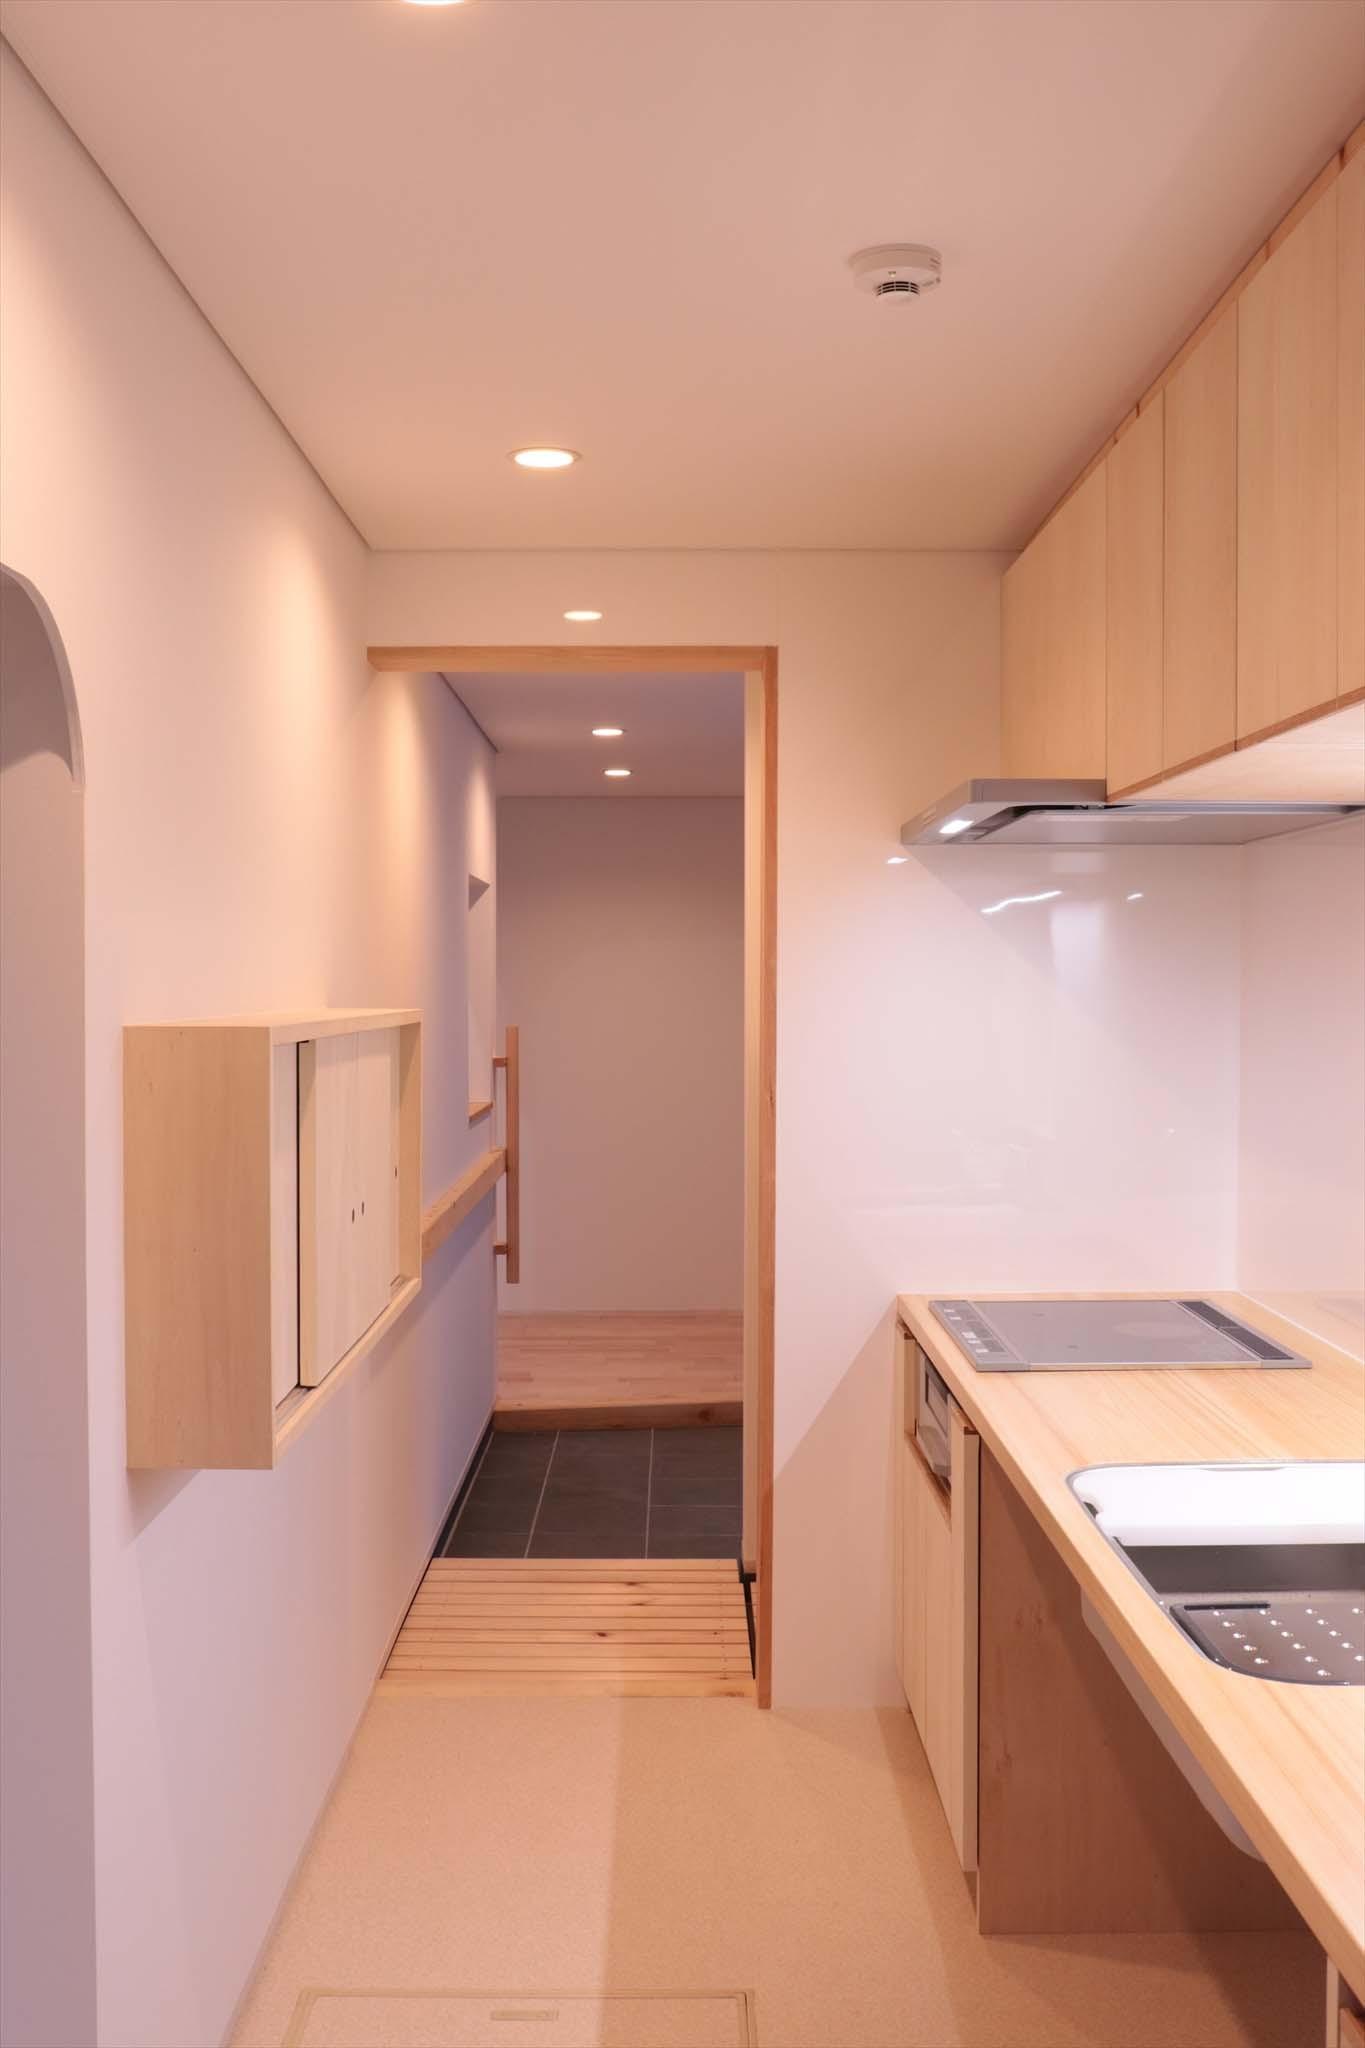 キッチン事例:休耕地の家|キッチン3(休耕地に建つ女性のための住宅)